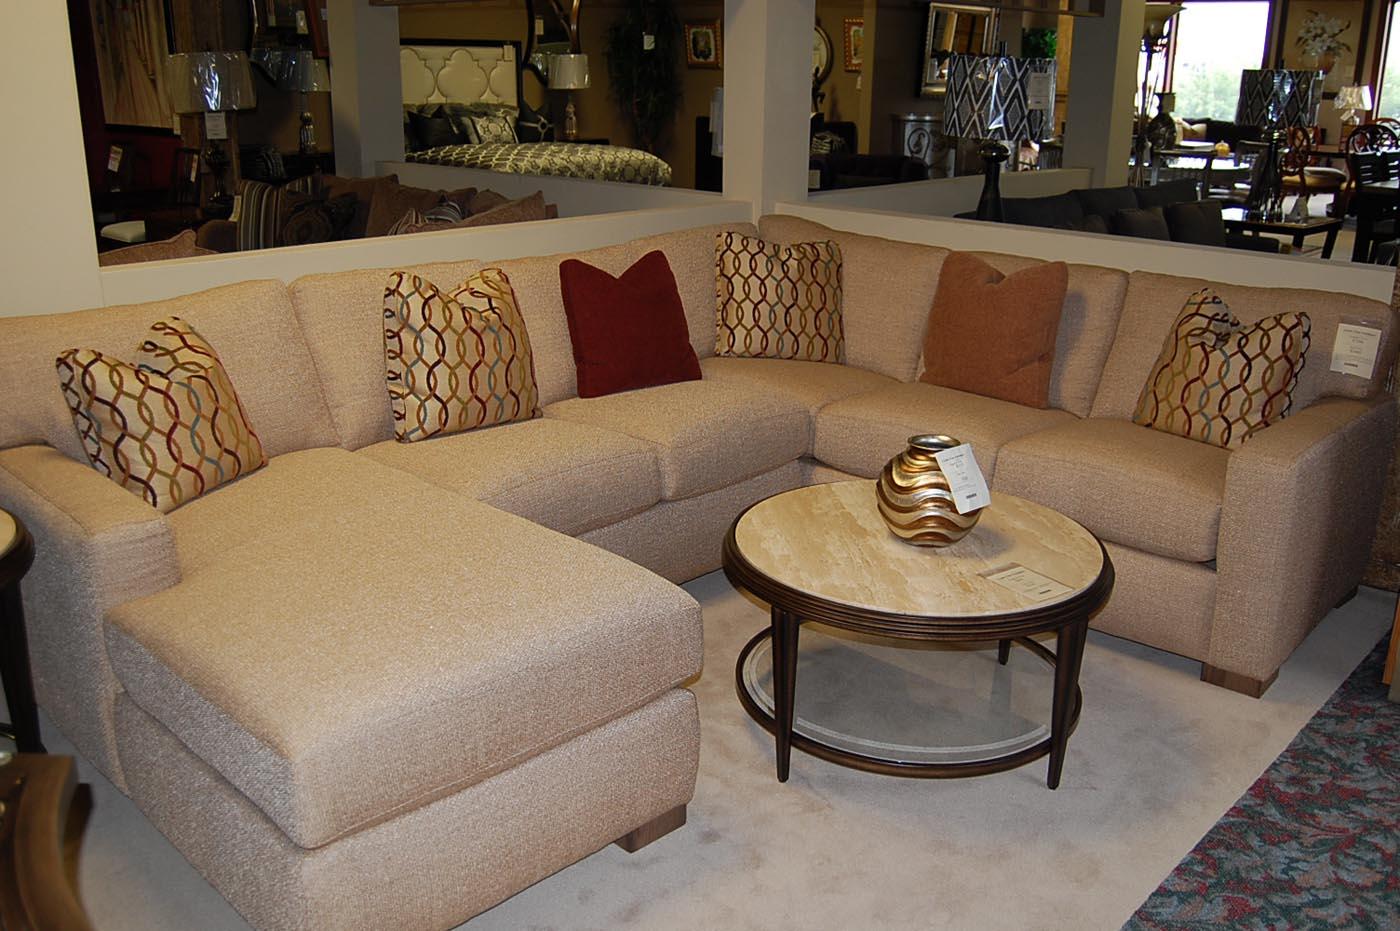 sofas houston sale sofa online kaufen osterreich living room furniture tx luxury